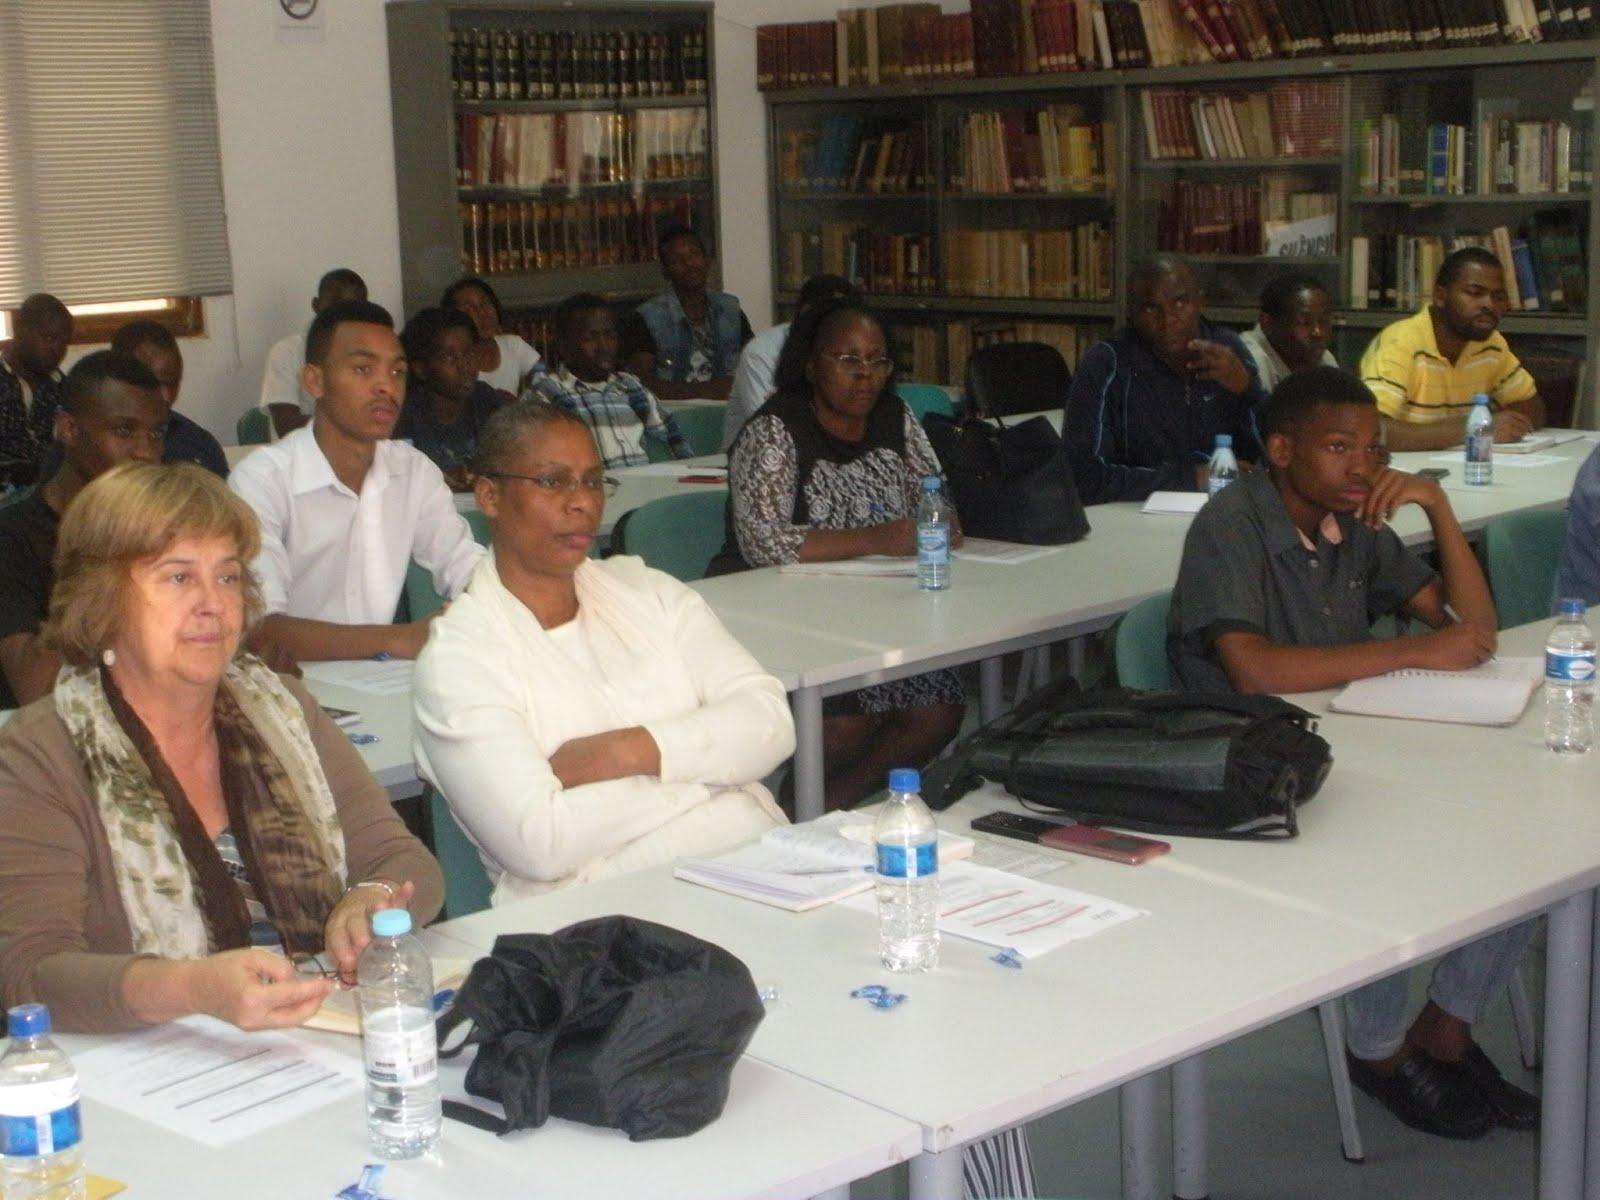 Pesquisadores, profesores e estudantes em uma sessão da Oficina de História no Arquivo